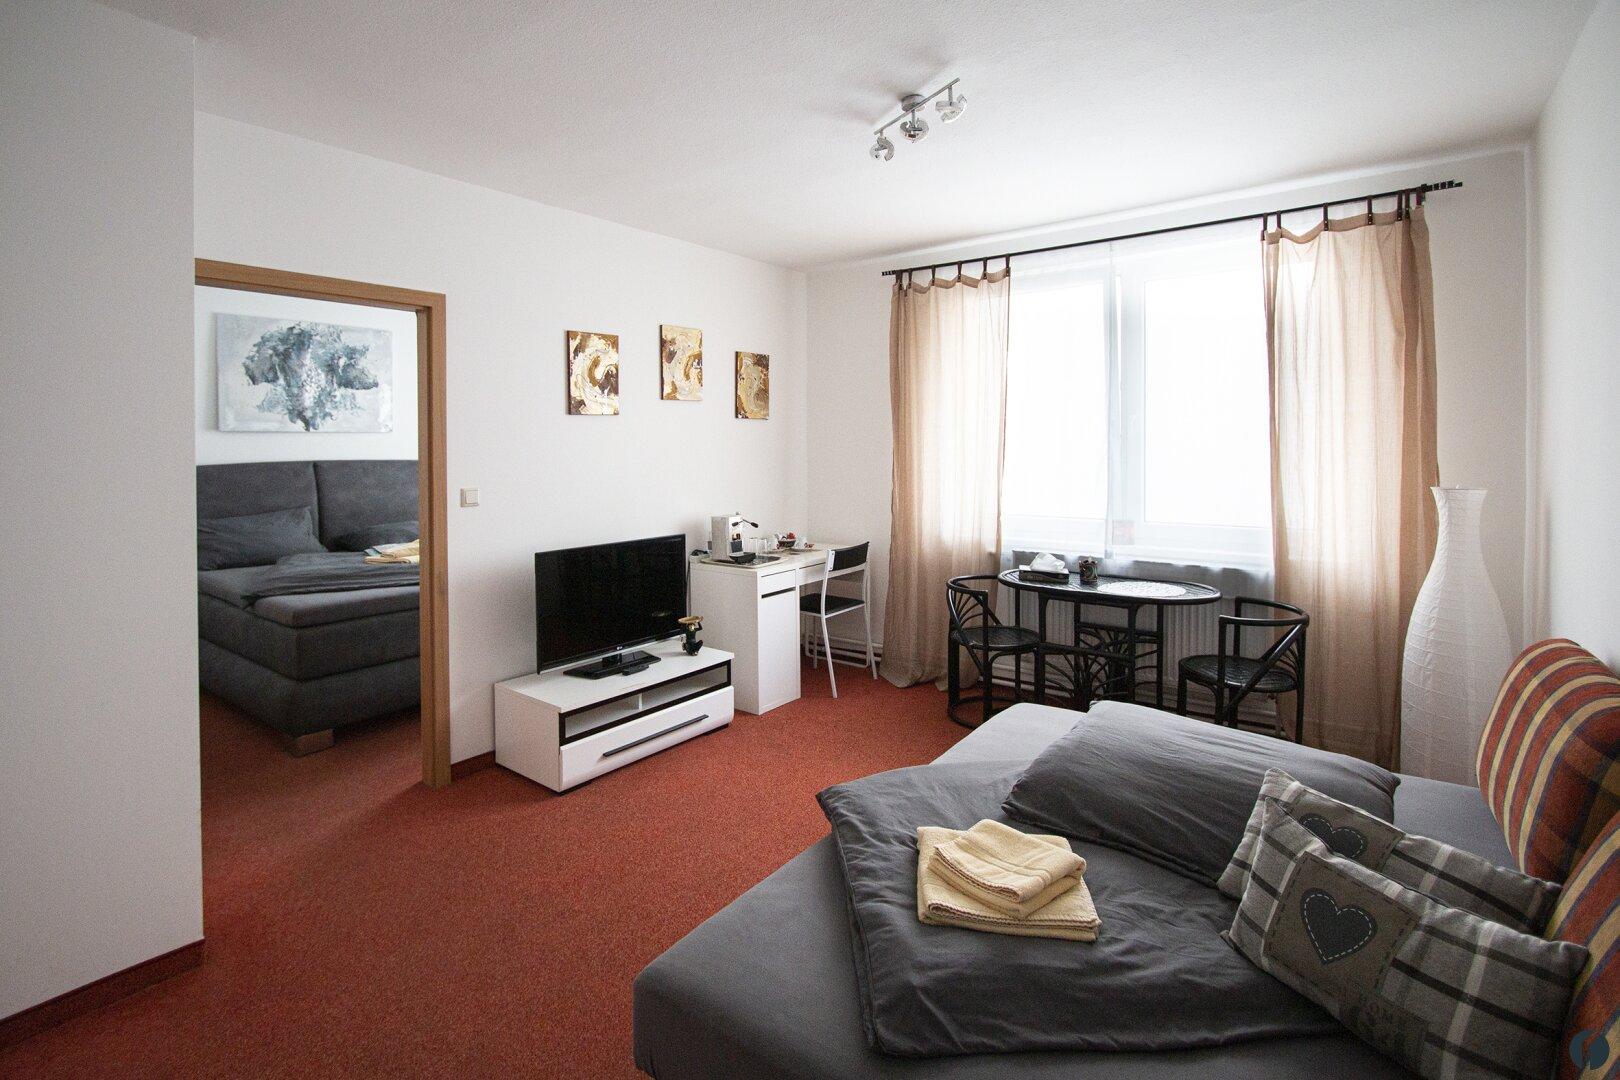 Apartment mit Wohn- und Schlafraum